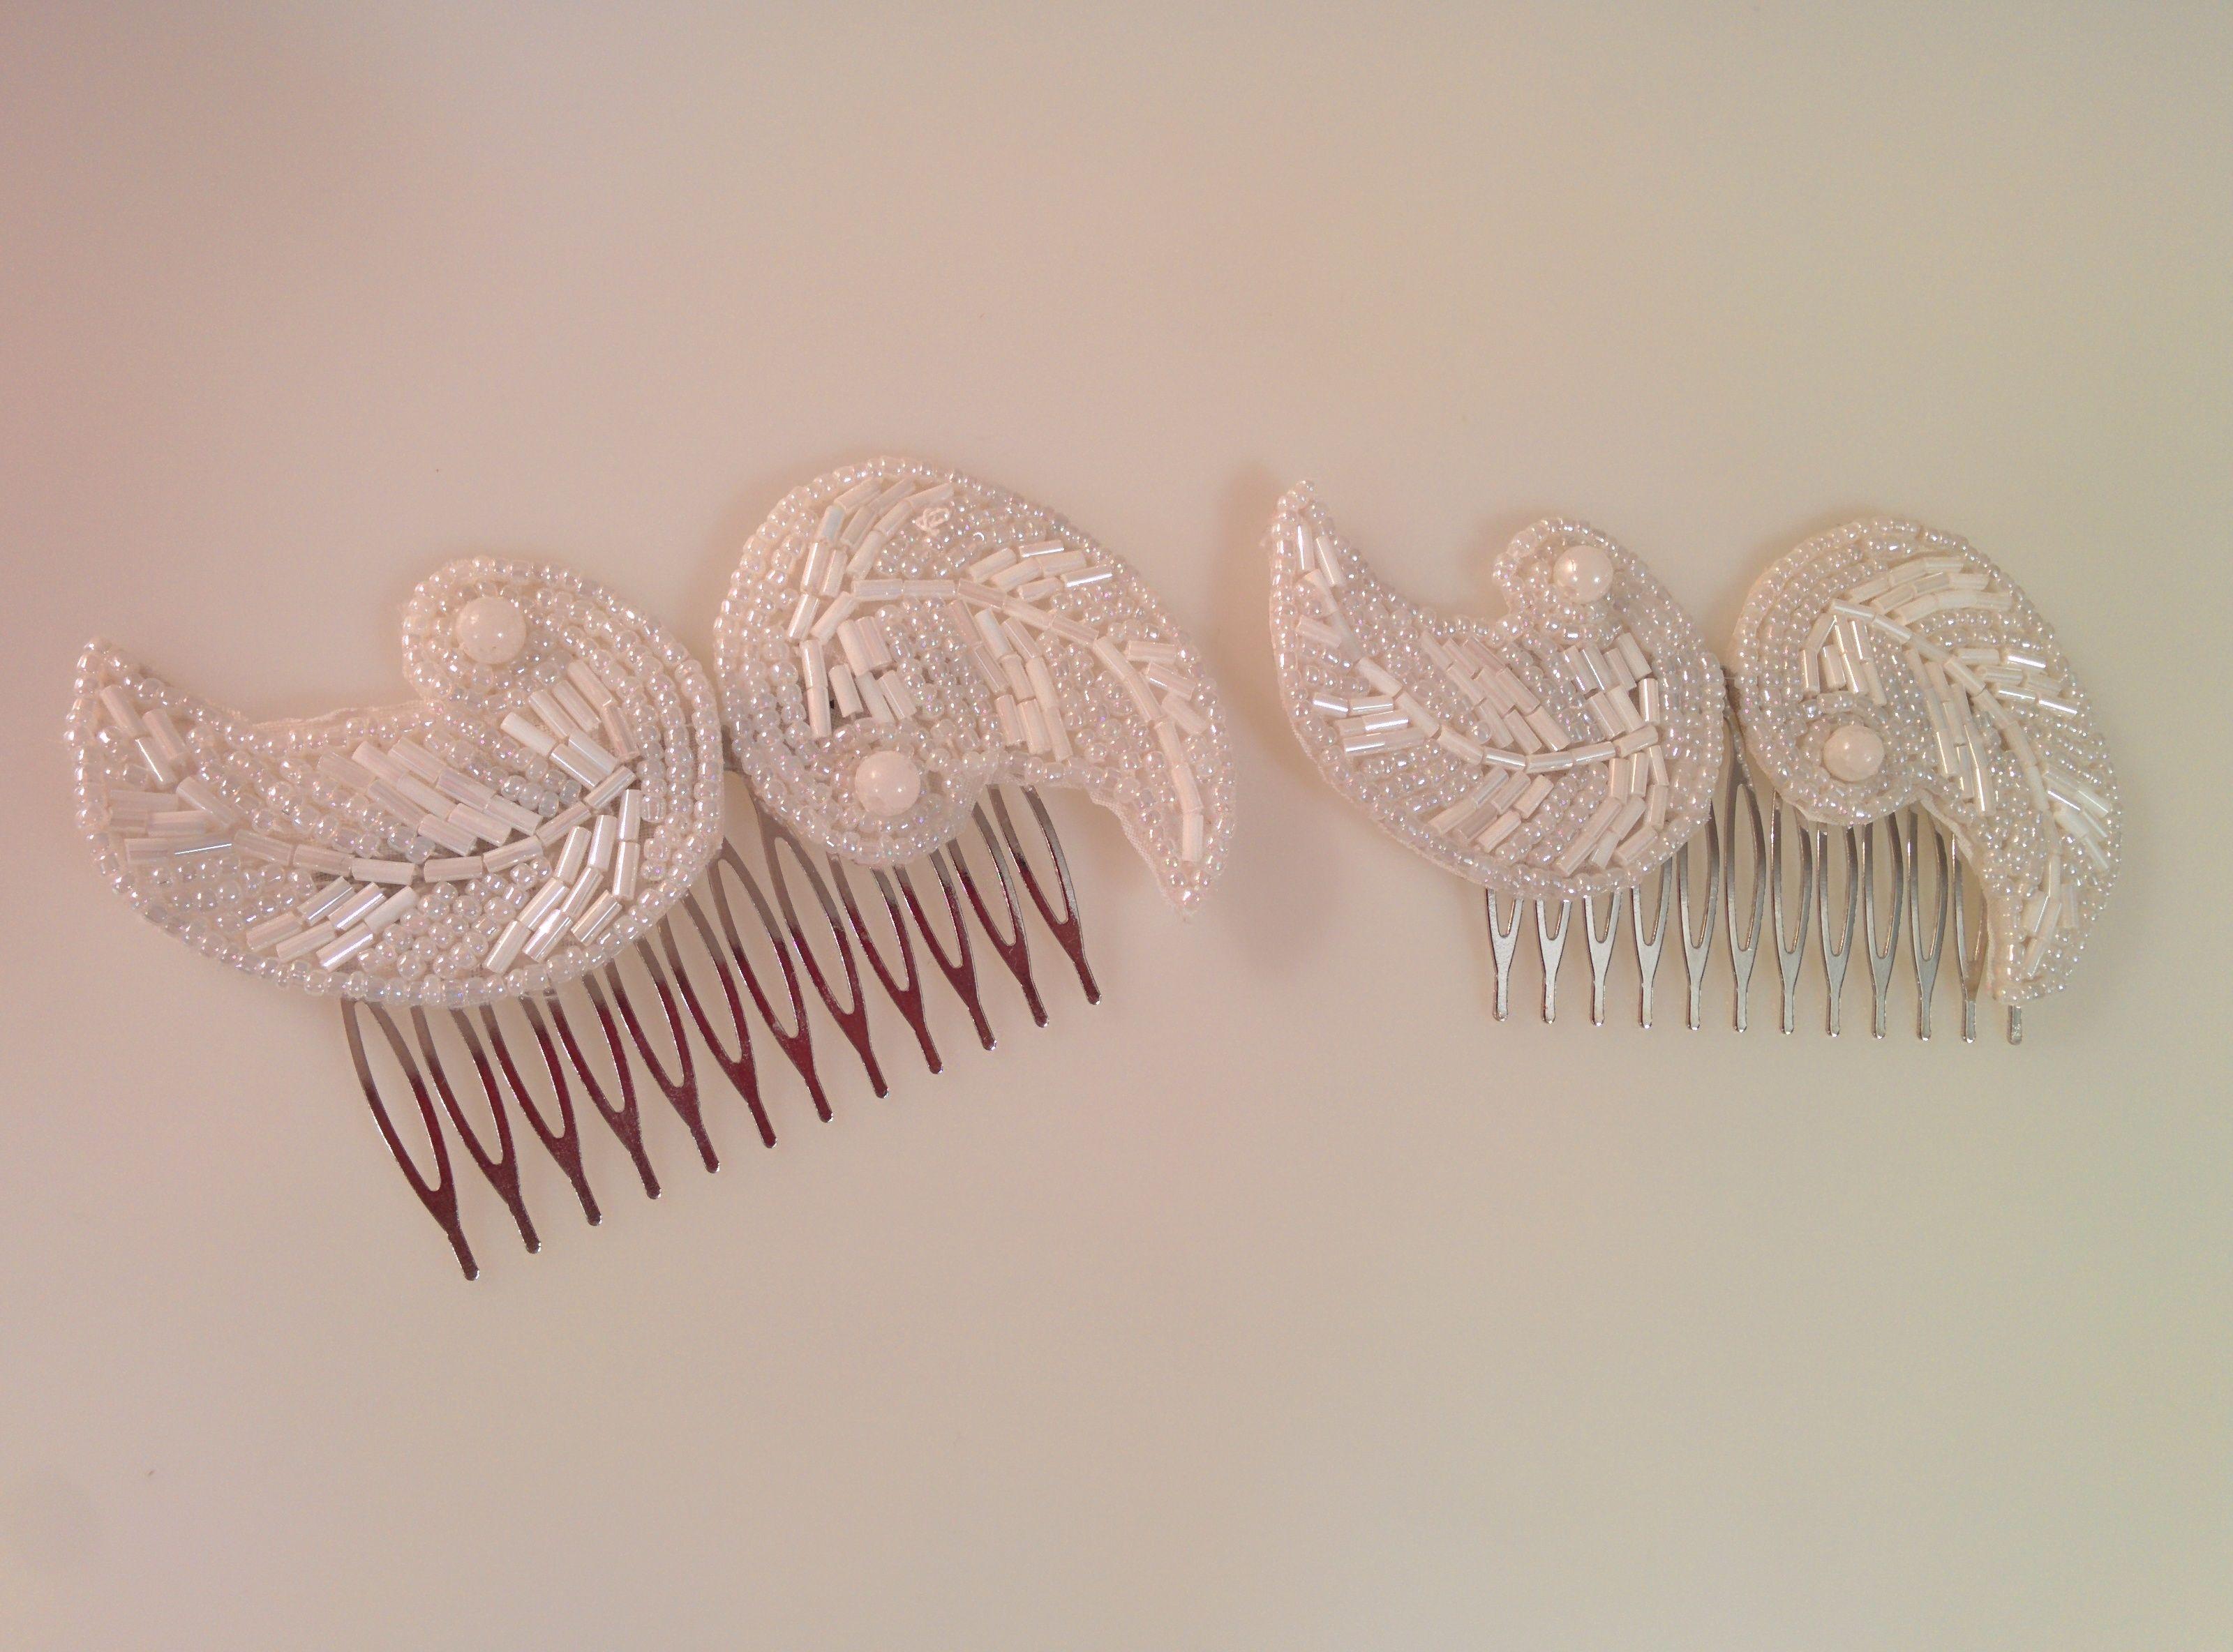 Modelo peines vintage, una pareja irresistible.  #peine #pedreria #vintage #lamoradadenoa #perlas #blanco #peine #novia #boda